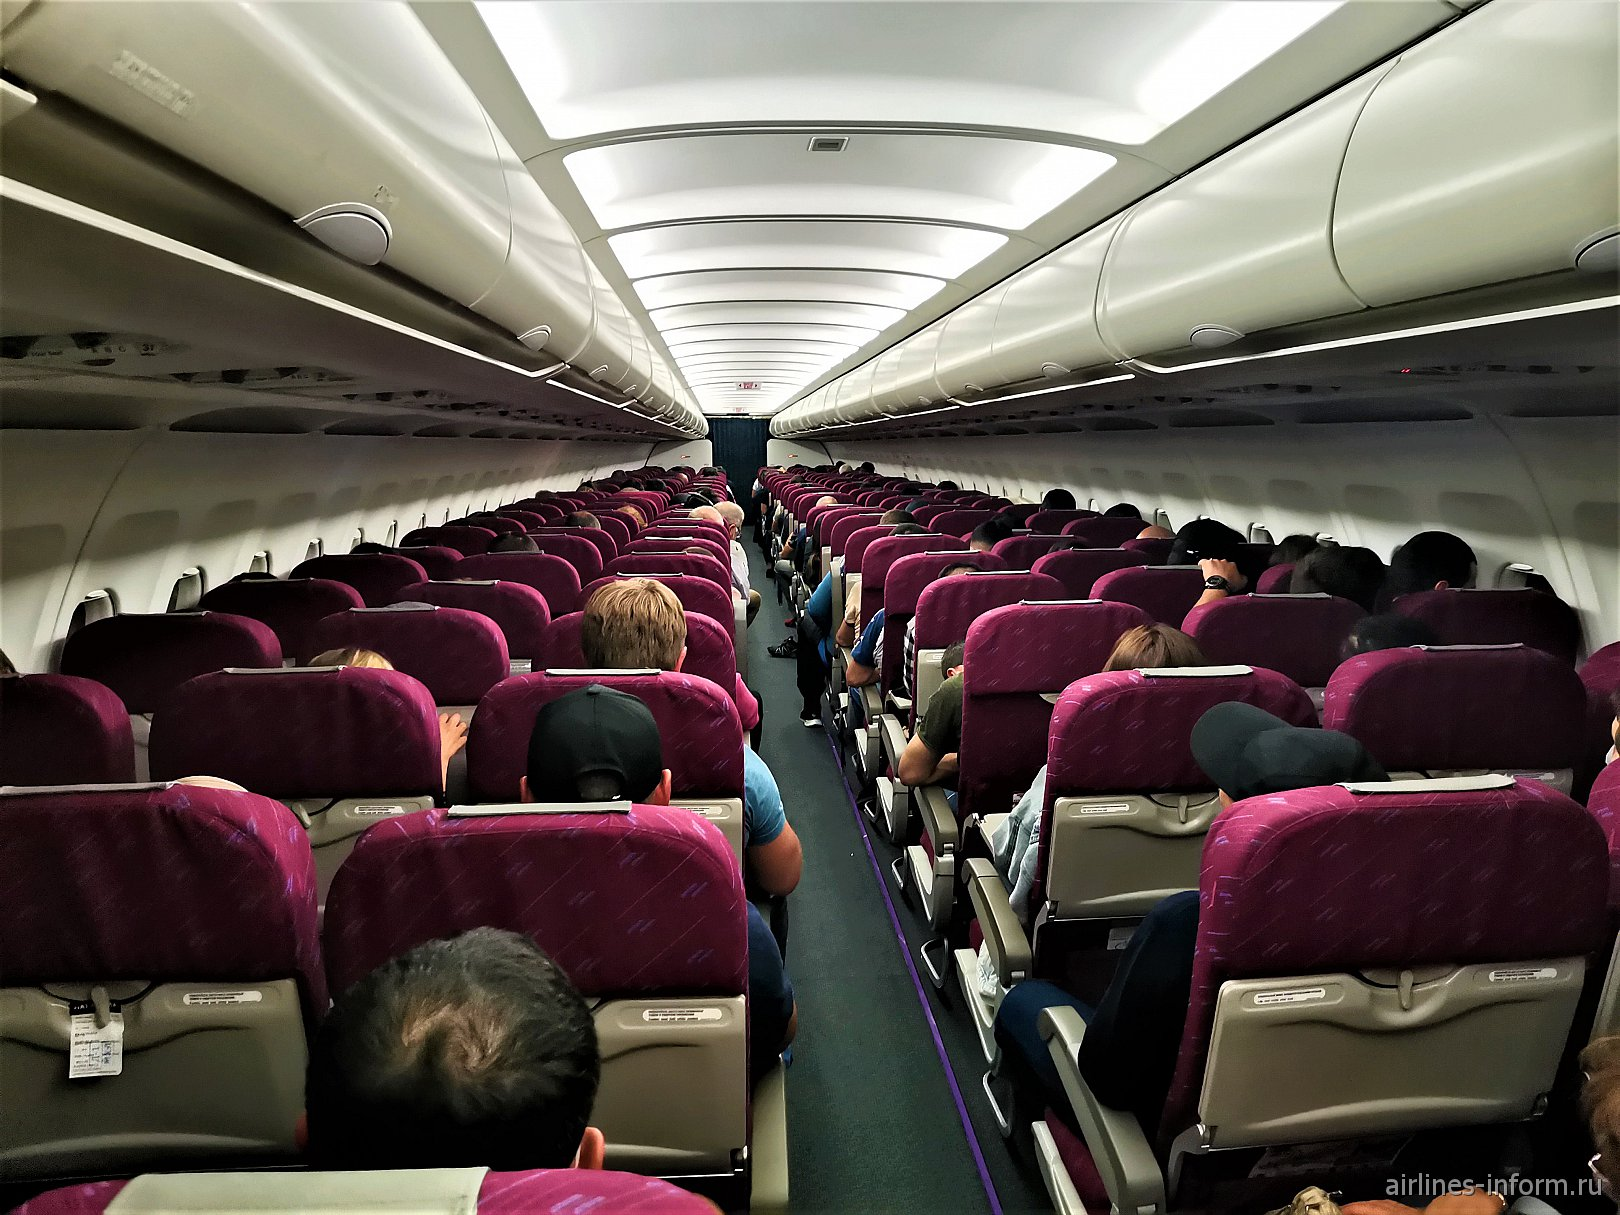 Пассажирский салон самолета Airbus A320 компании Red Wings